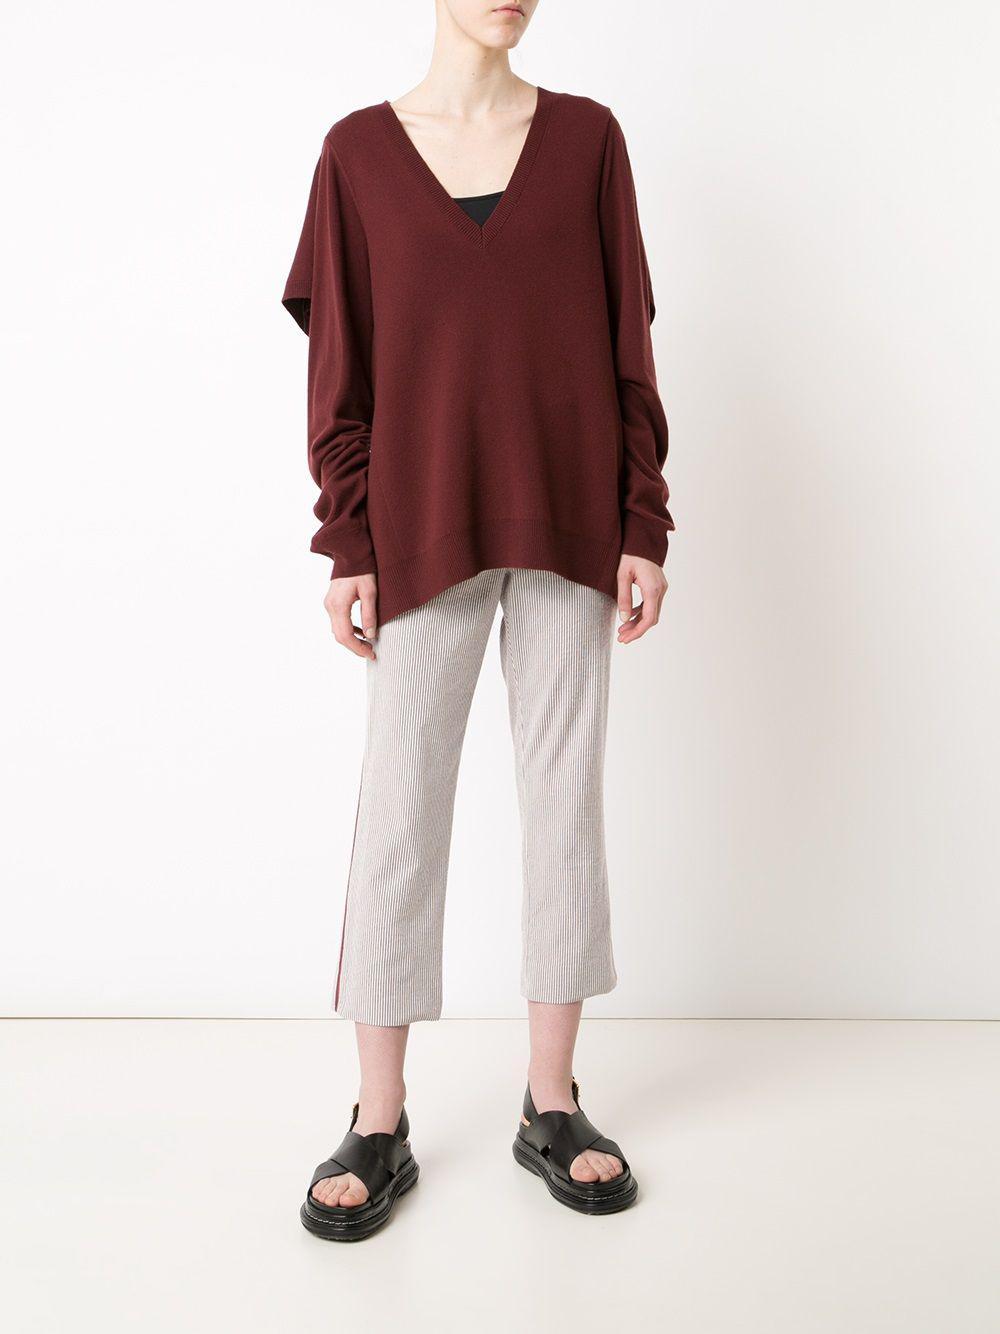 Sies Marjan Wool Cape Detail Jumper in Red